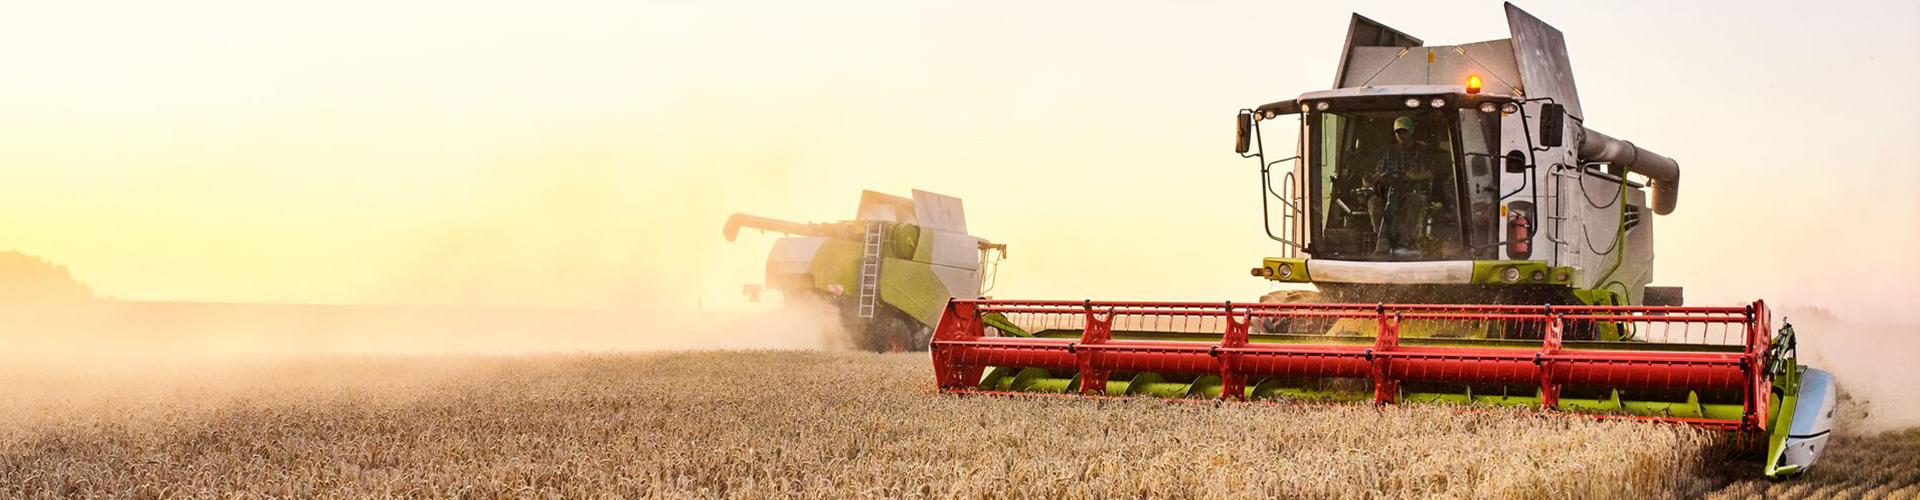 Les étapes clés de la récolte de céréales